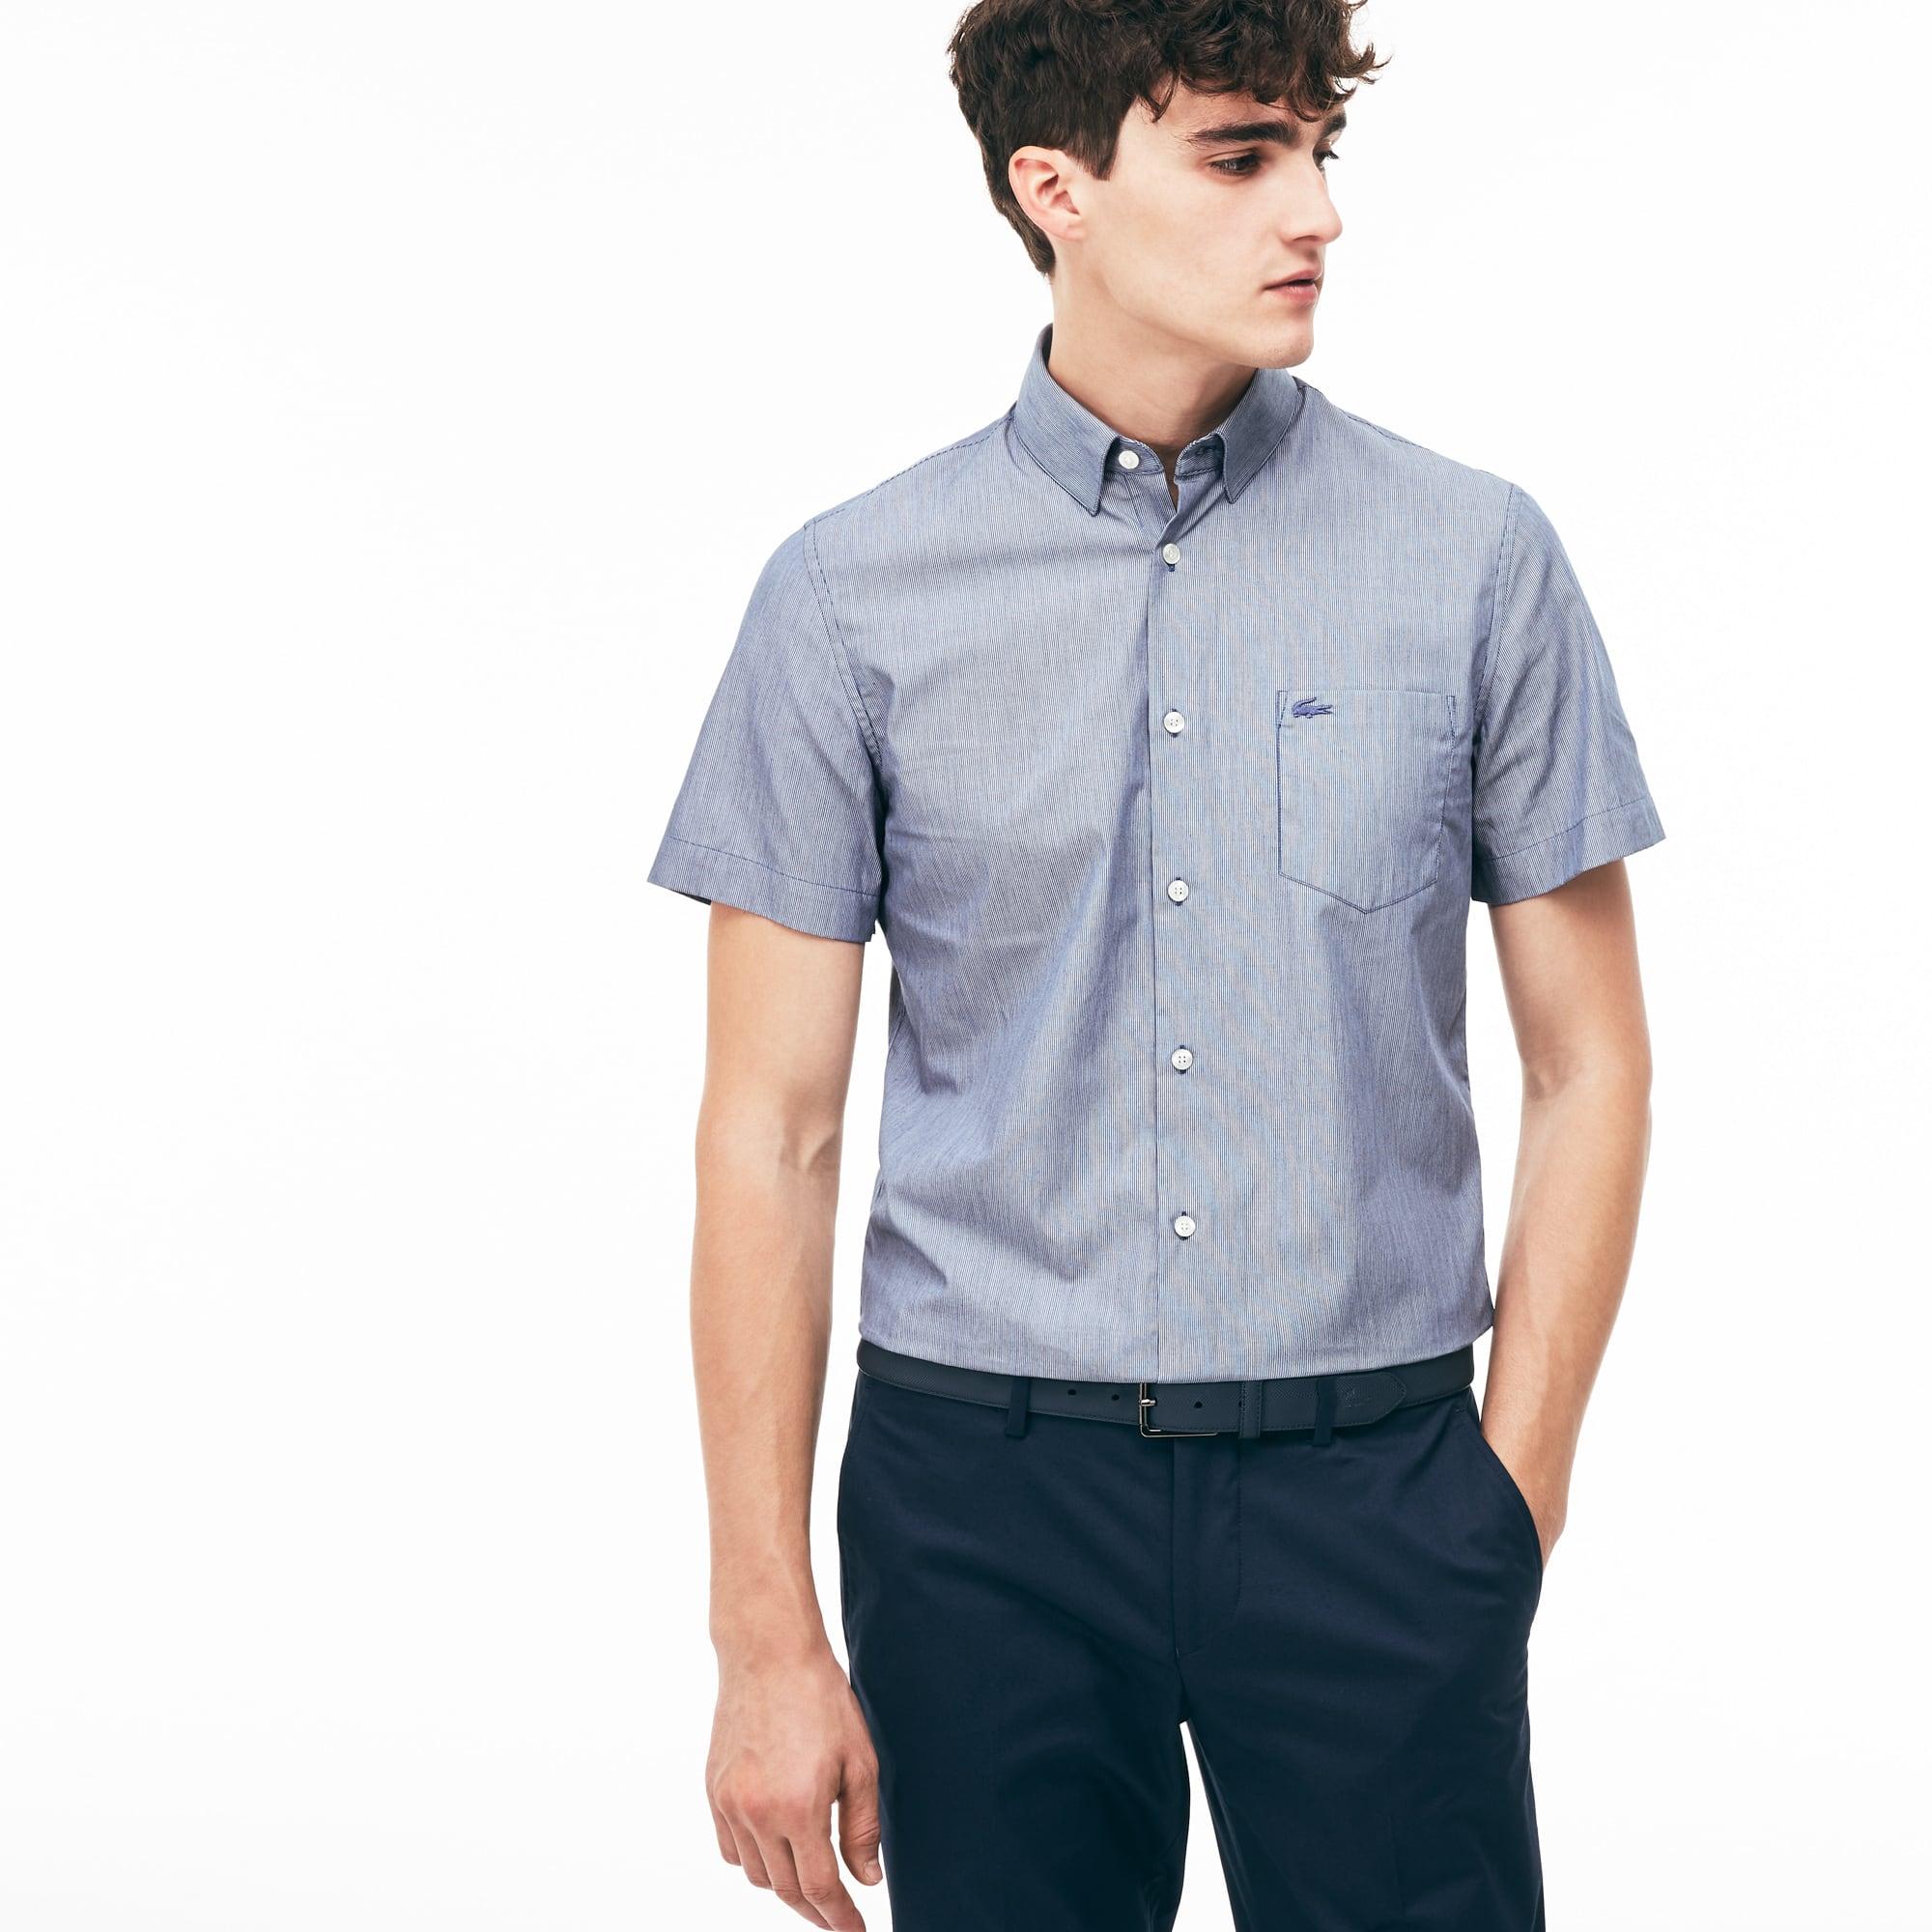 Men's Slim Fit Thin Striped Poplin Shirt